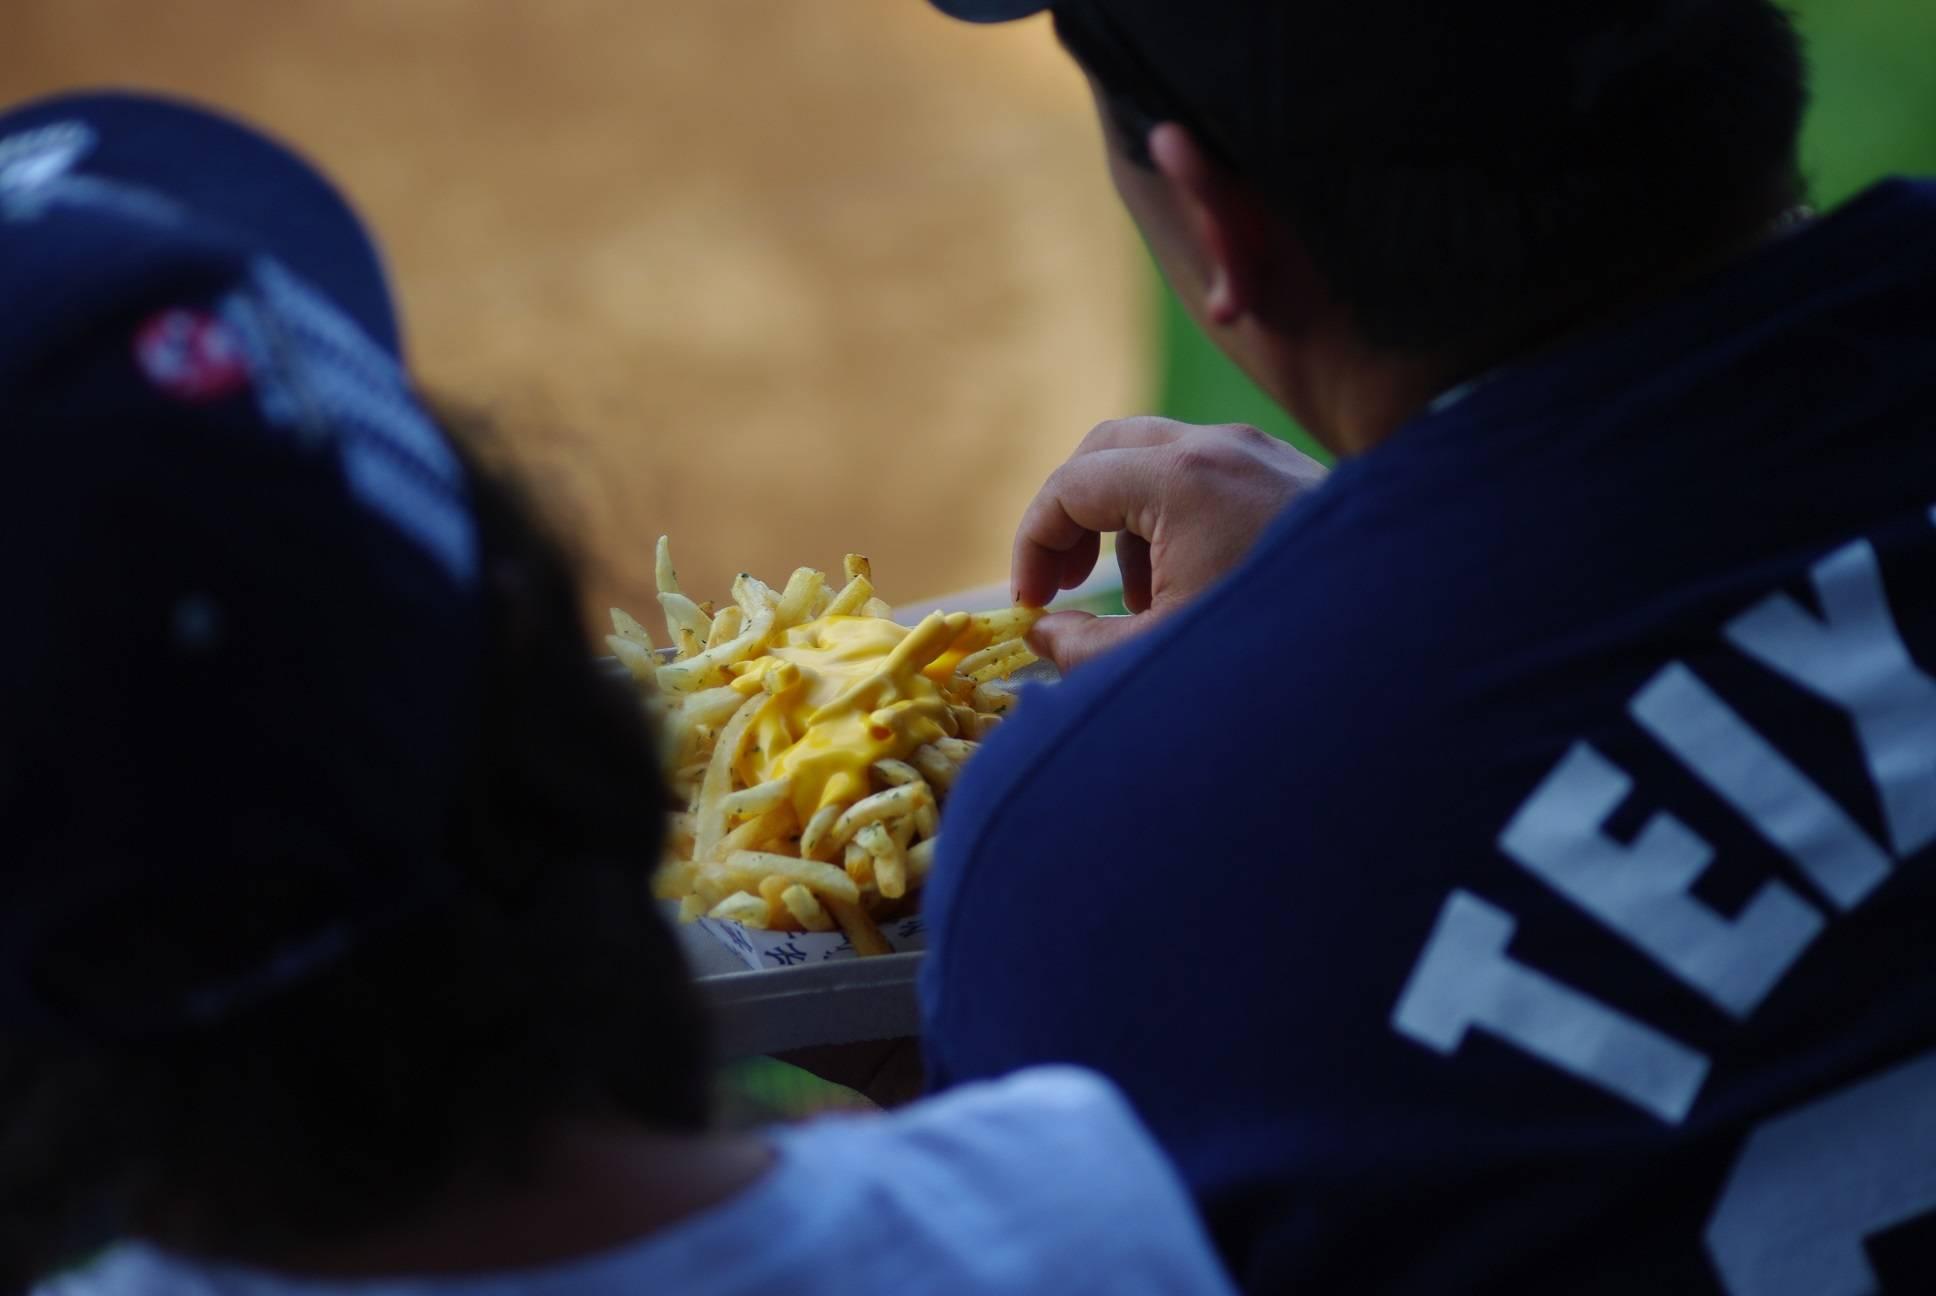 Photo 2: Encourager les Yankees comme un vrai !